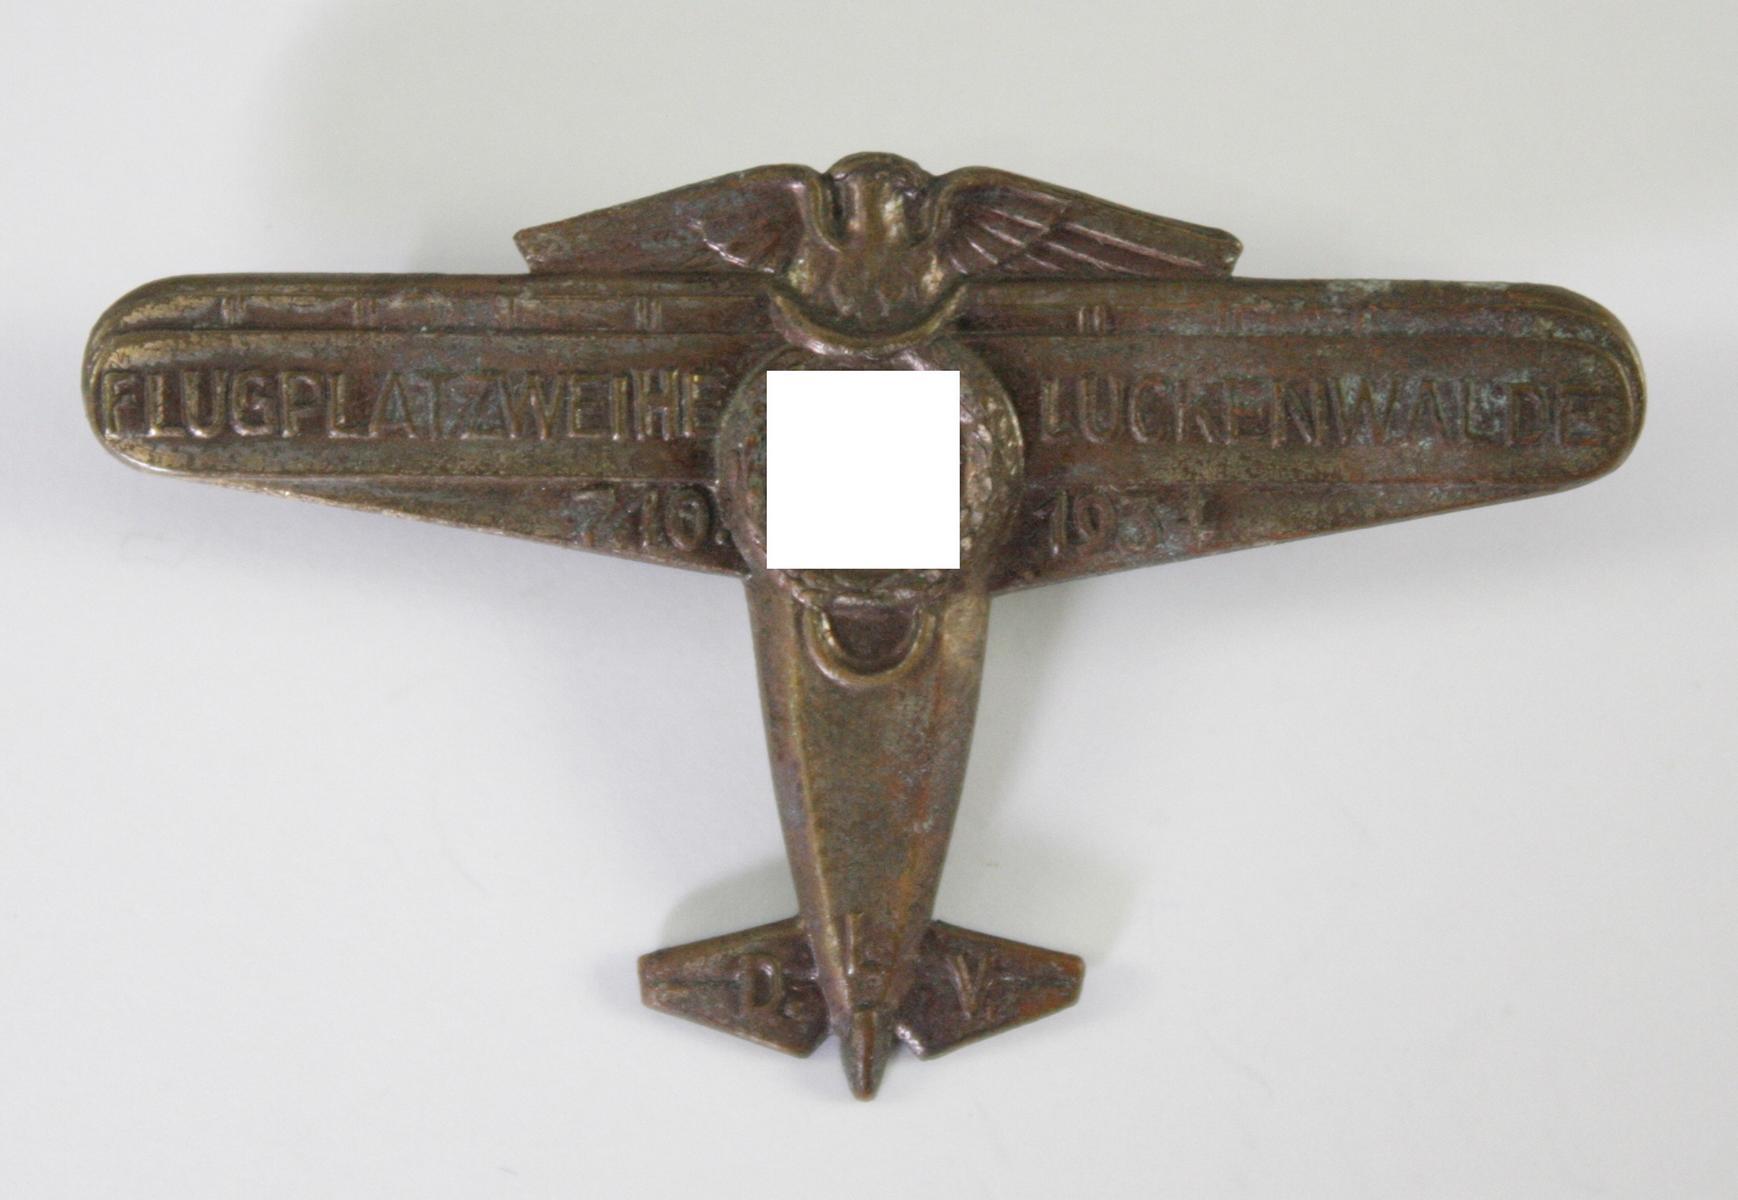 Veranstaltungsabzeichen, Flugplatzweihe Luckenwalde 1934